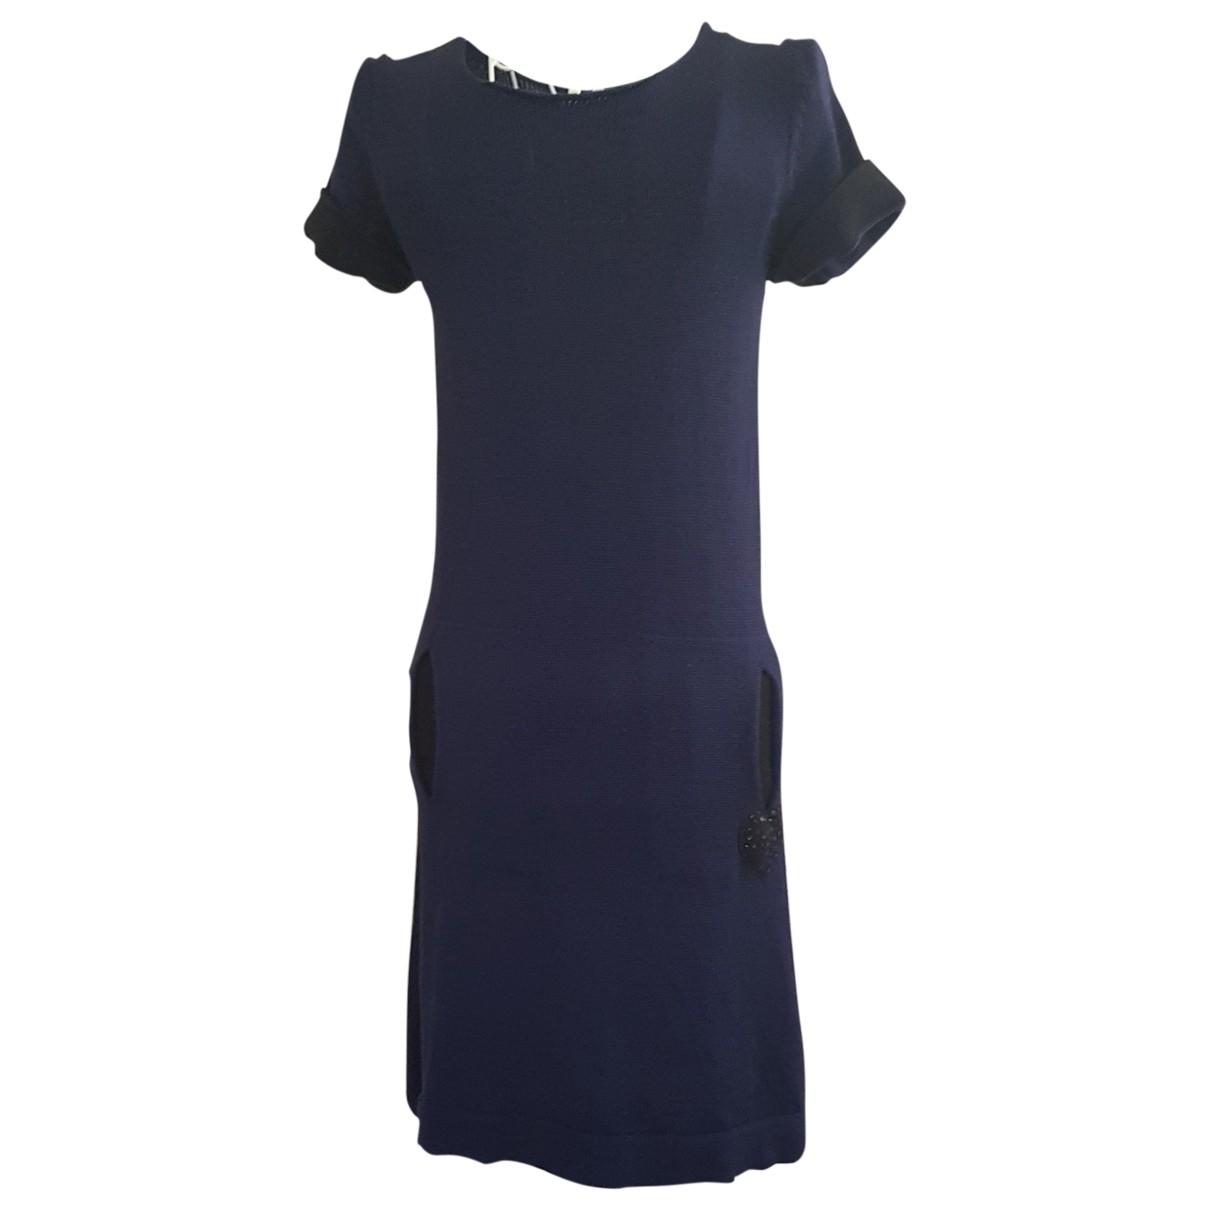 Twin Set \N Kleid in  Blau Wolle